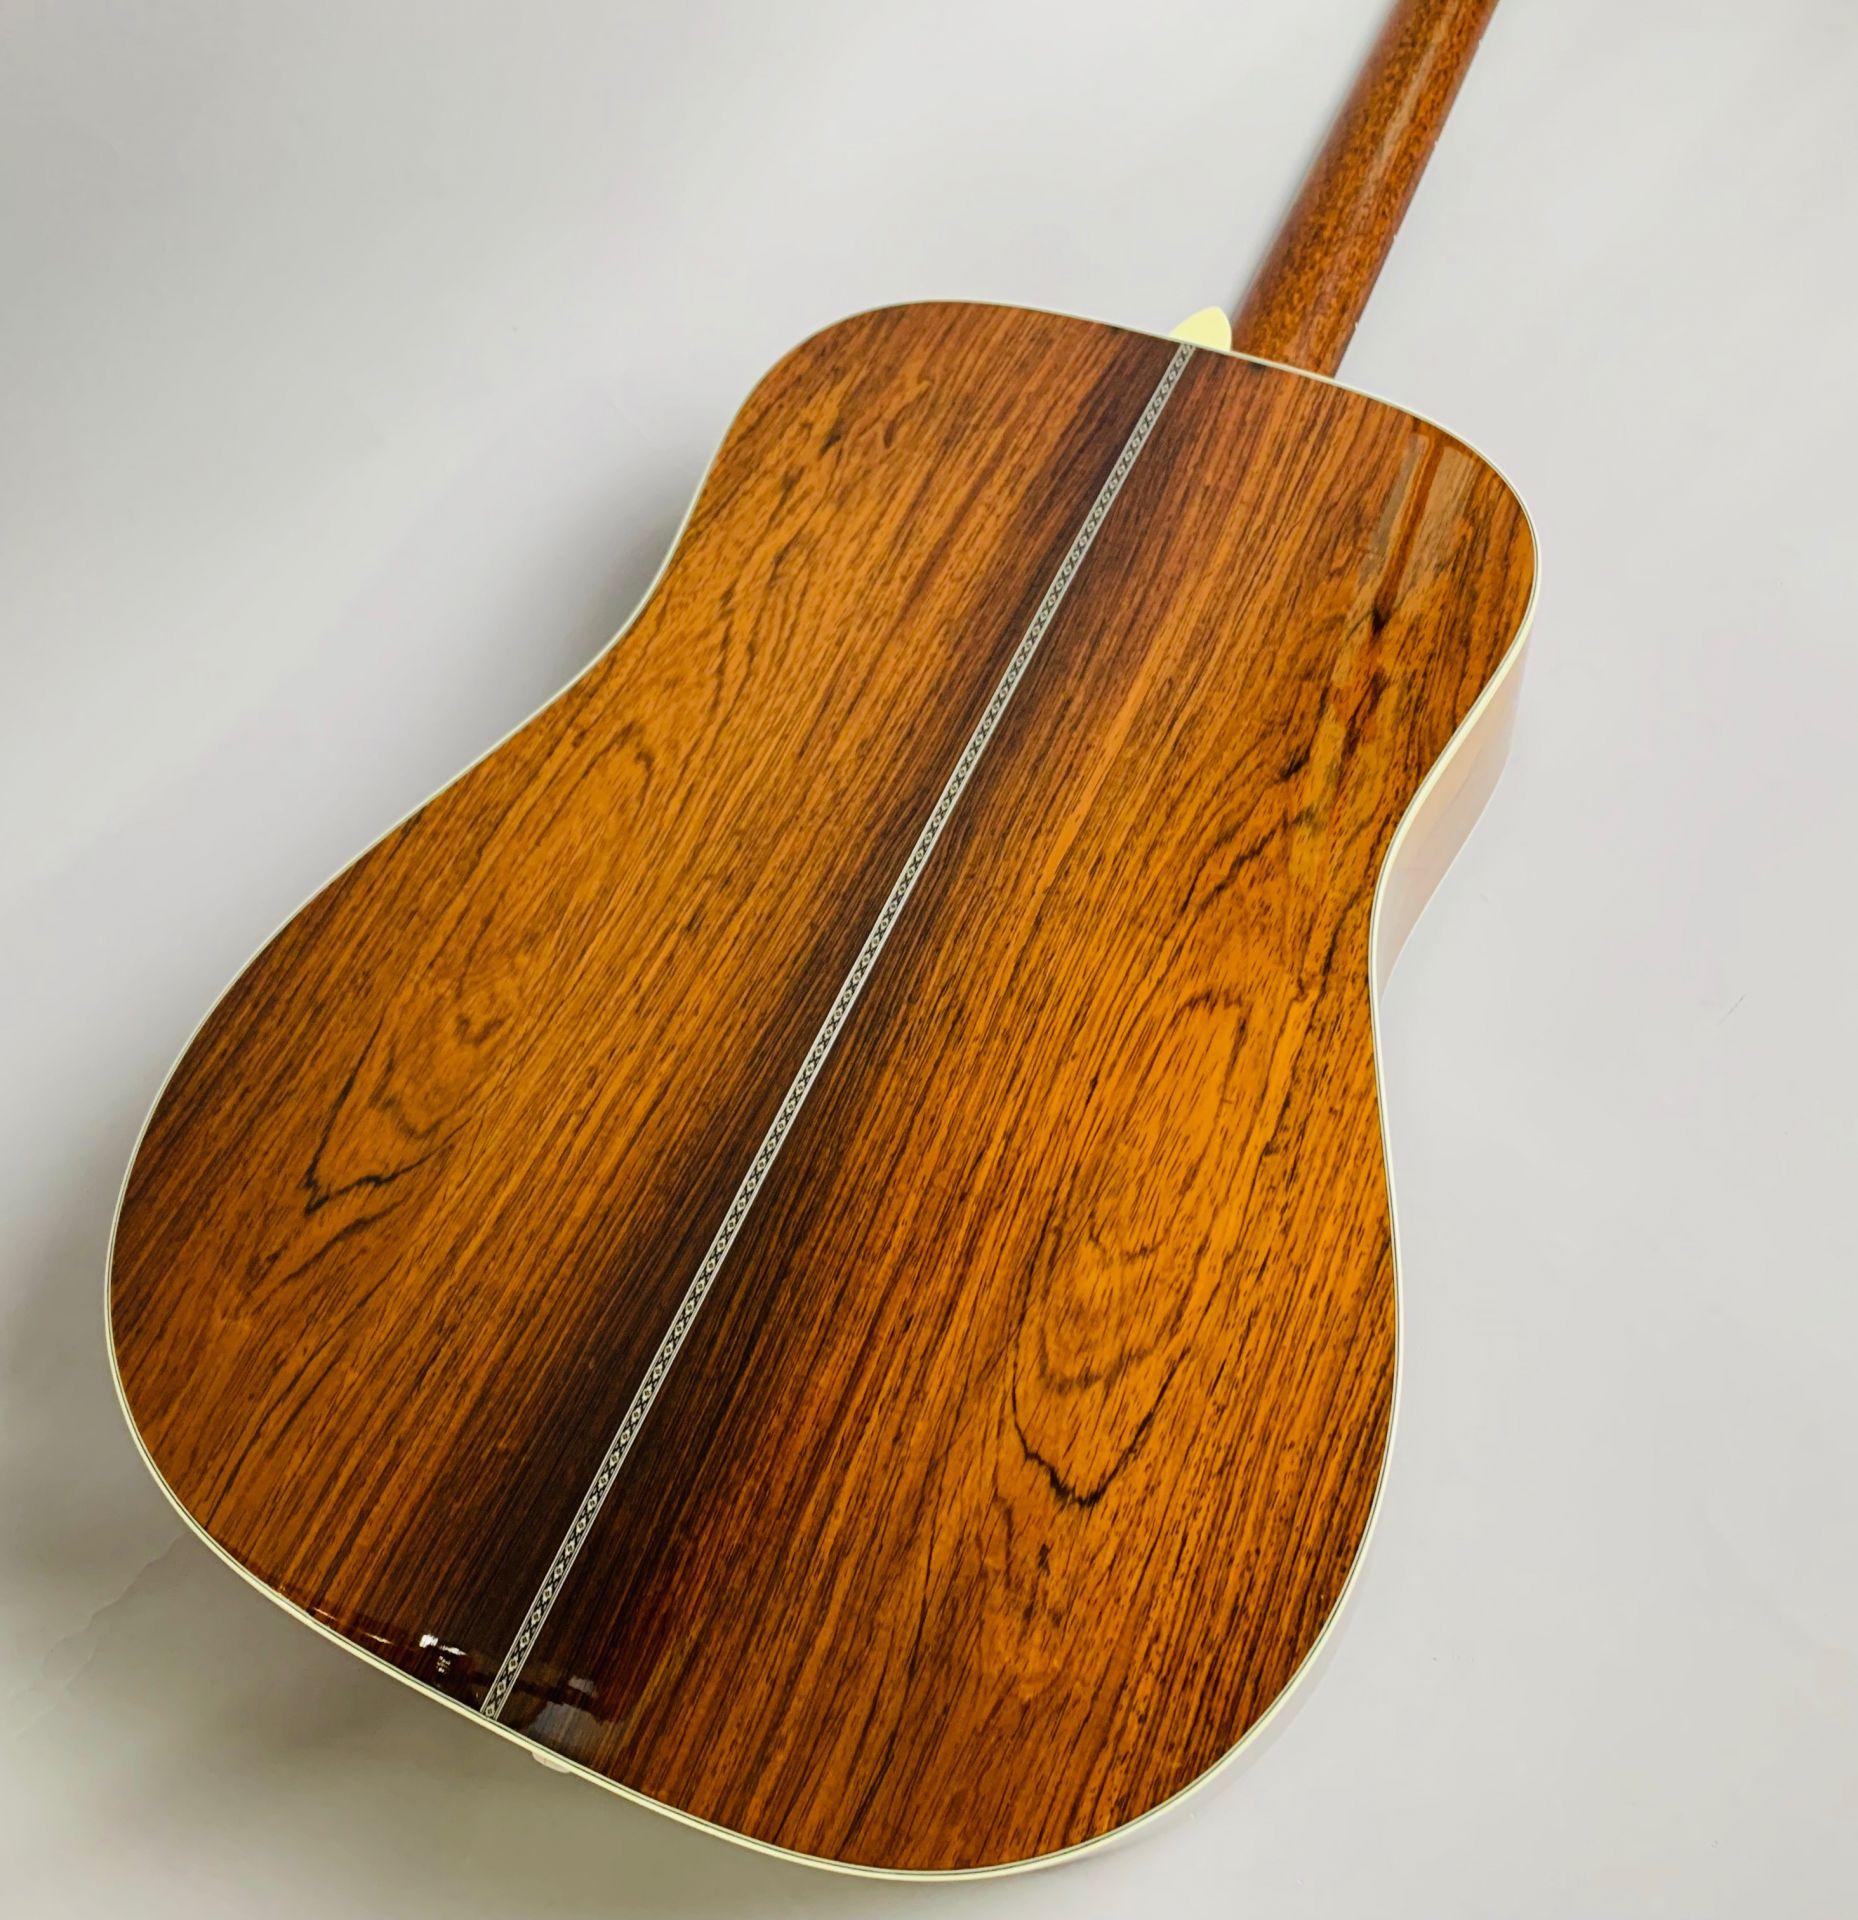 MS-101HD ハカランダ採用 島村楽器50本限定モデルのケース・その他画像